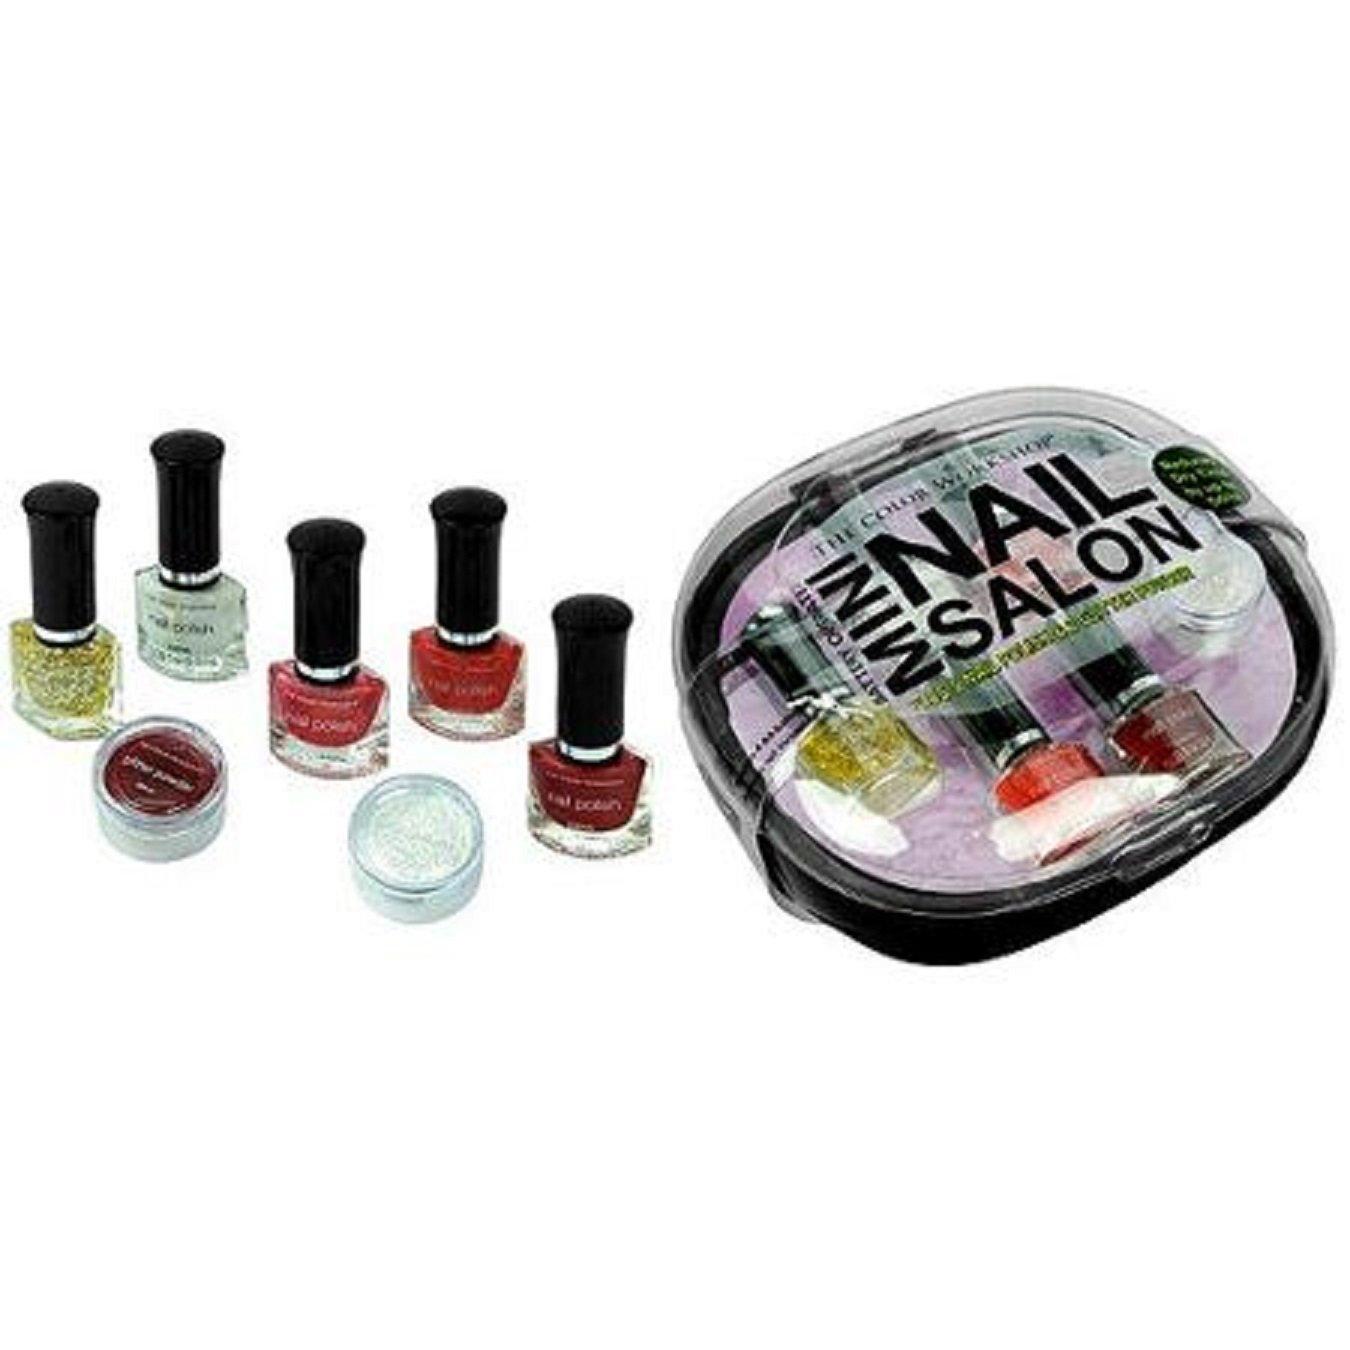 Amazon.com : The Color Workshop Mini Nail Salon Kit, Black, 8 Pc ...